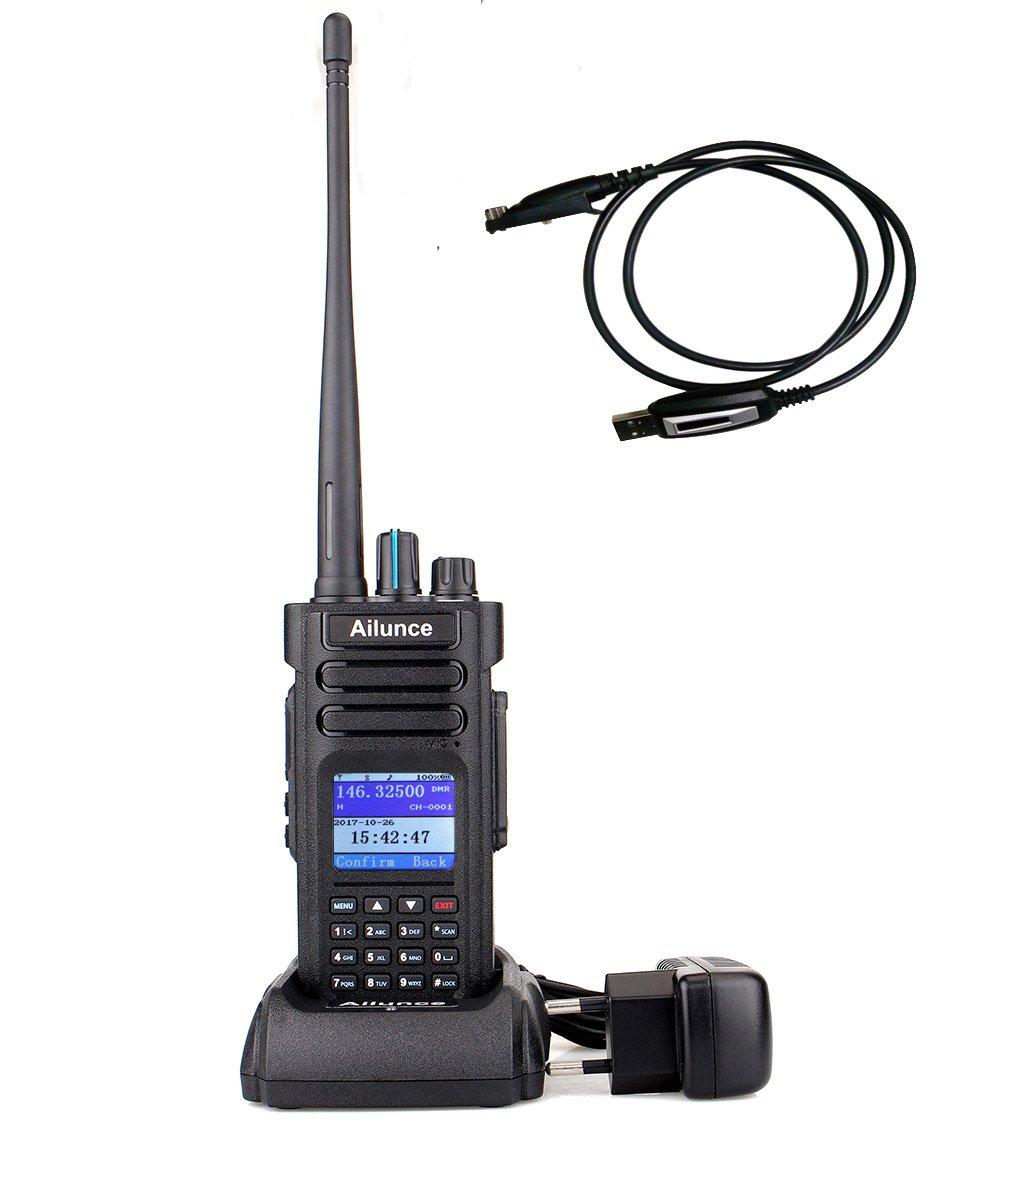 Ailunce HD1 DMR Radio Talkie Walkie Numé rique Double Bande FPP Radio Amateur UHF VHF 10W TDMA Compatible Radio DMR MOTOTRBO avec Câ ble de Programmation (Noir) Retevis EUA9131A-J9131P